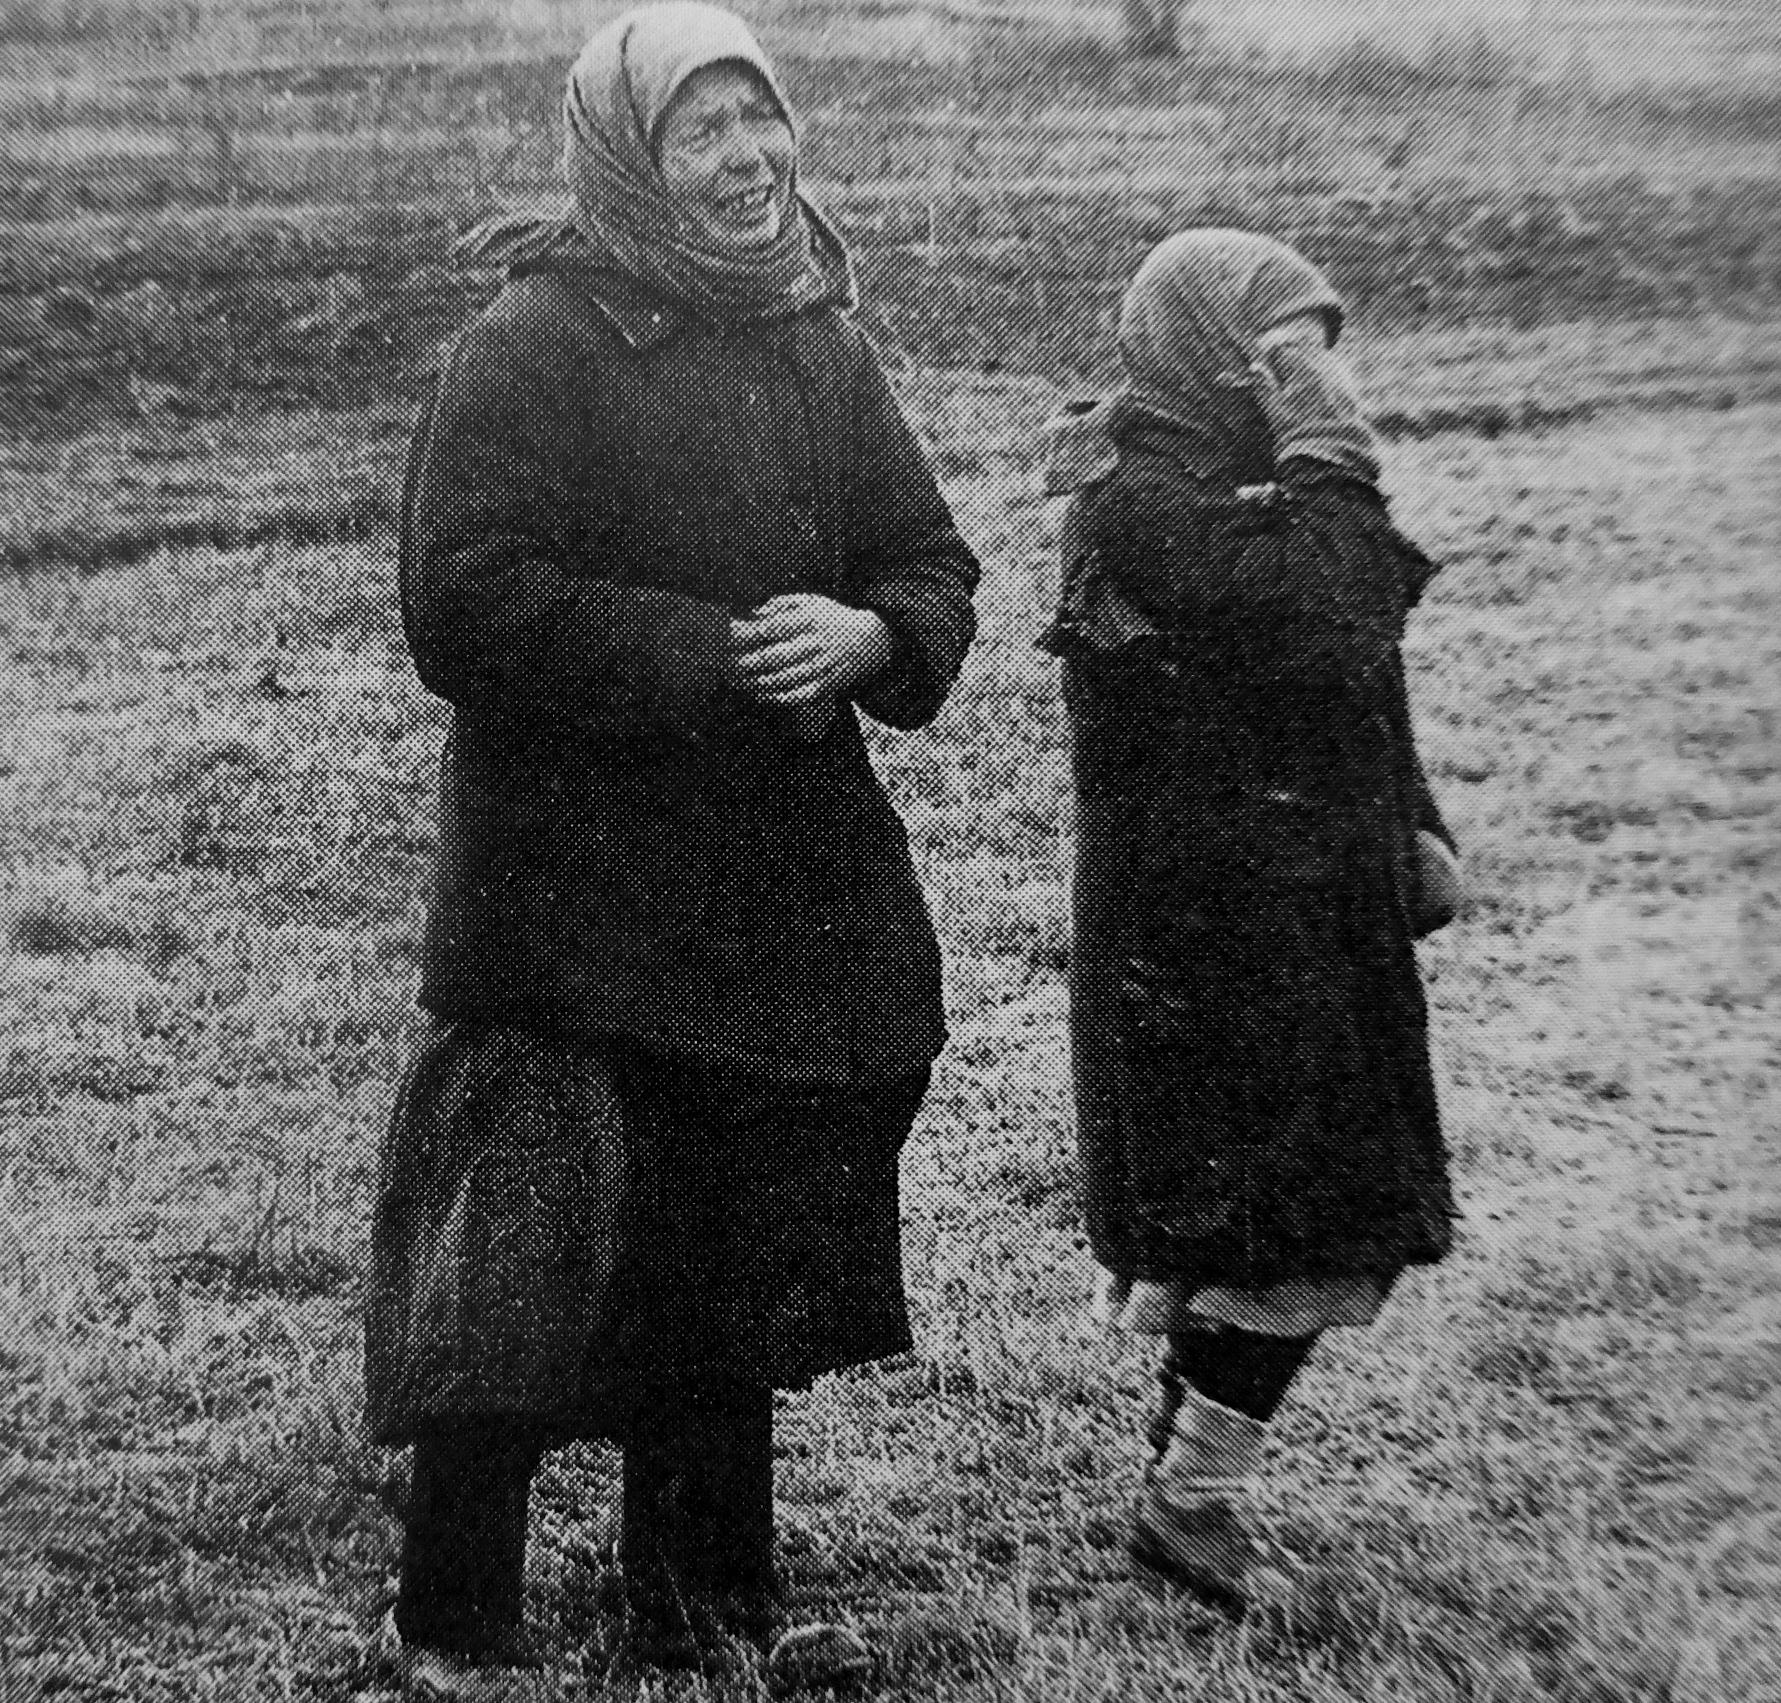 1942. Женщина и девочка плачут, глядя на тело повешенного мужчины